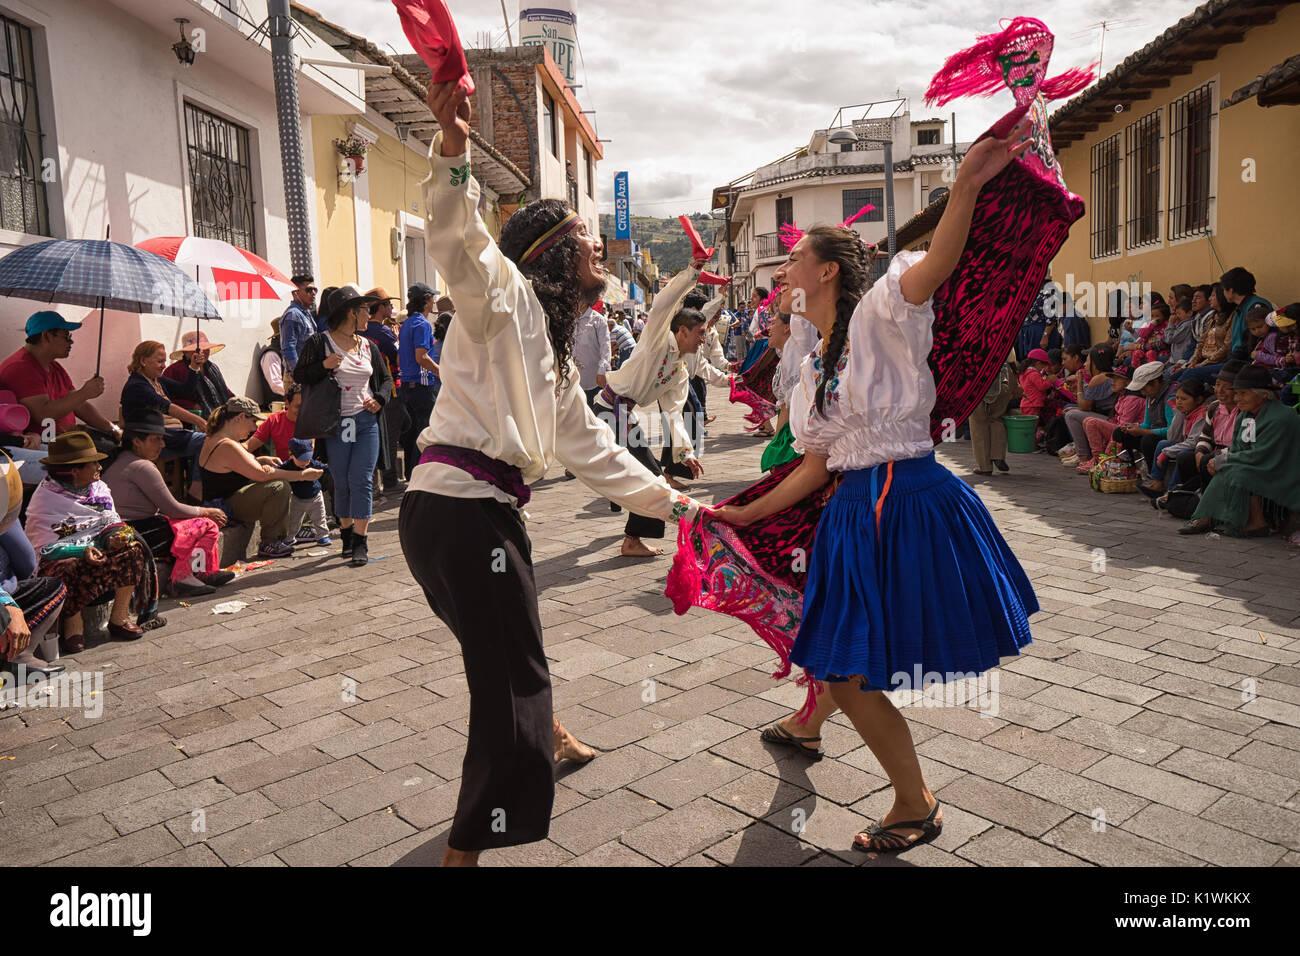 17 juin 2017, l'Équateur Pujili: Street dancers performing en costume traditionnel au cours de Corpus Christi Photo Stock